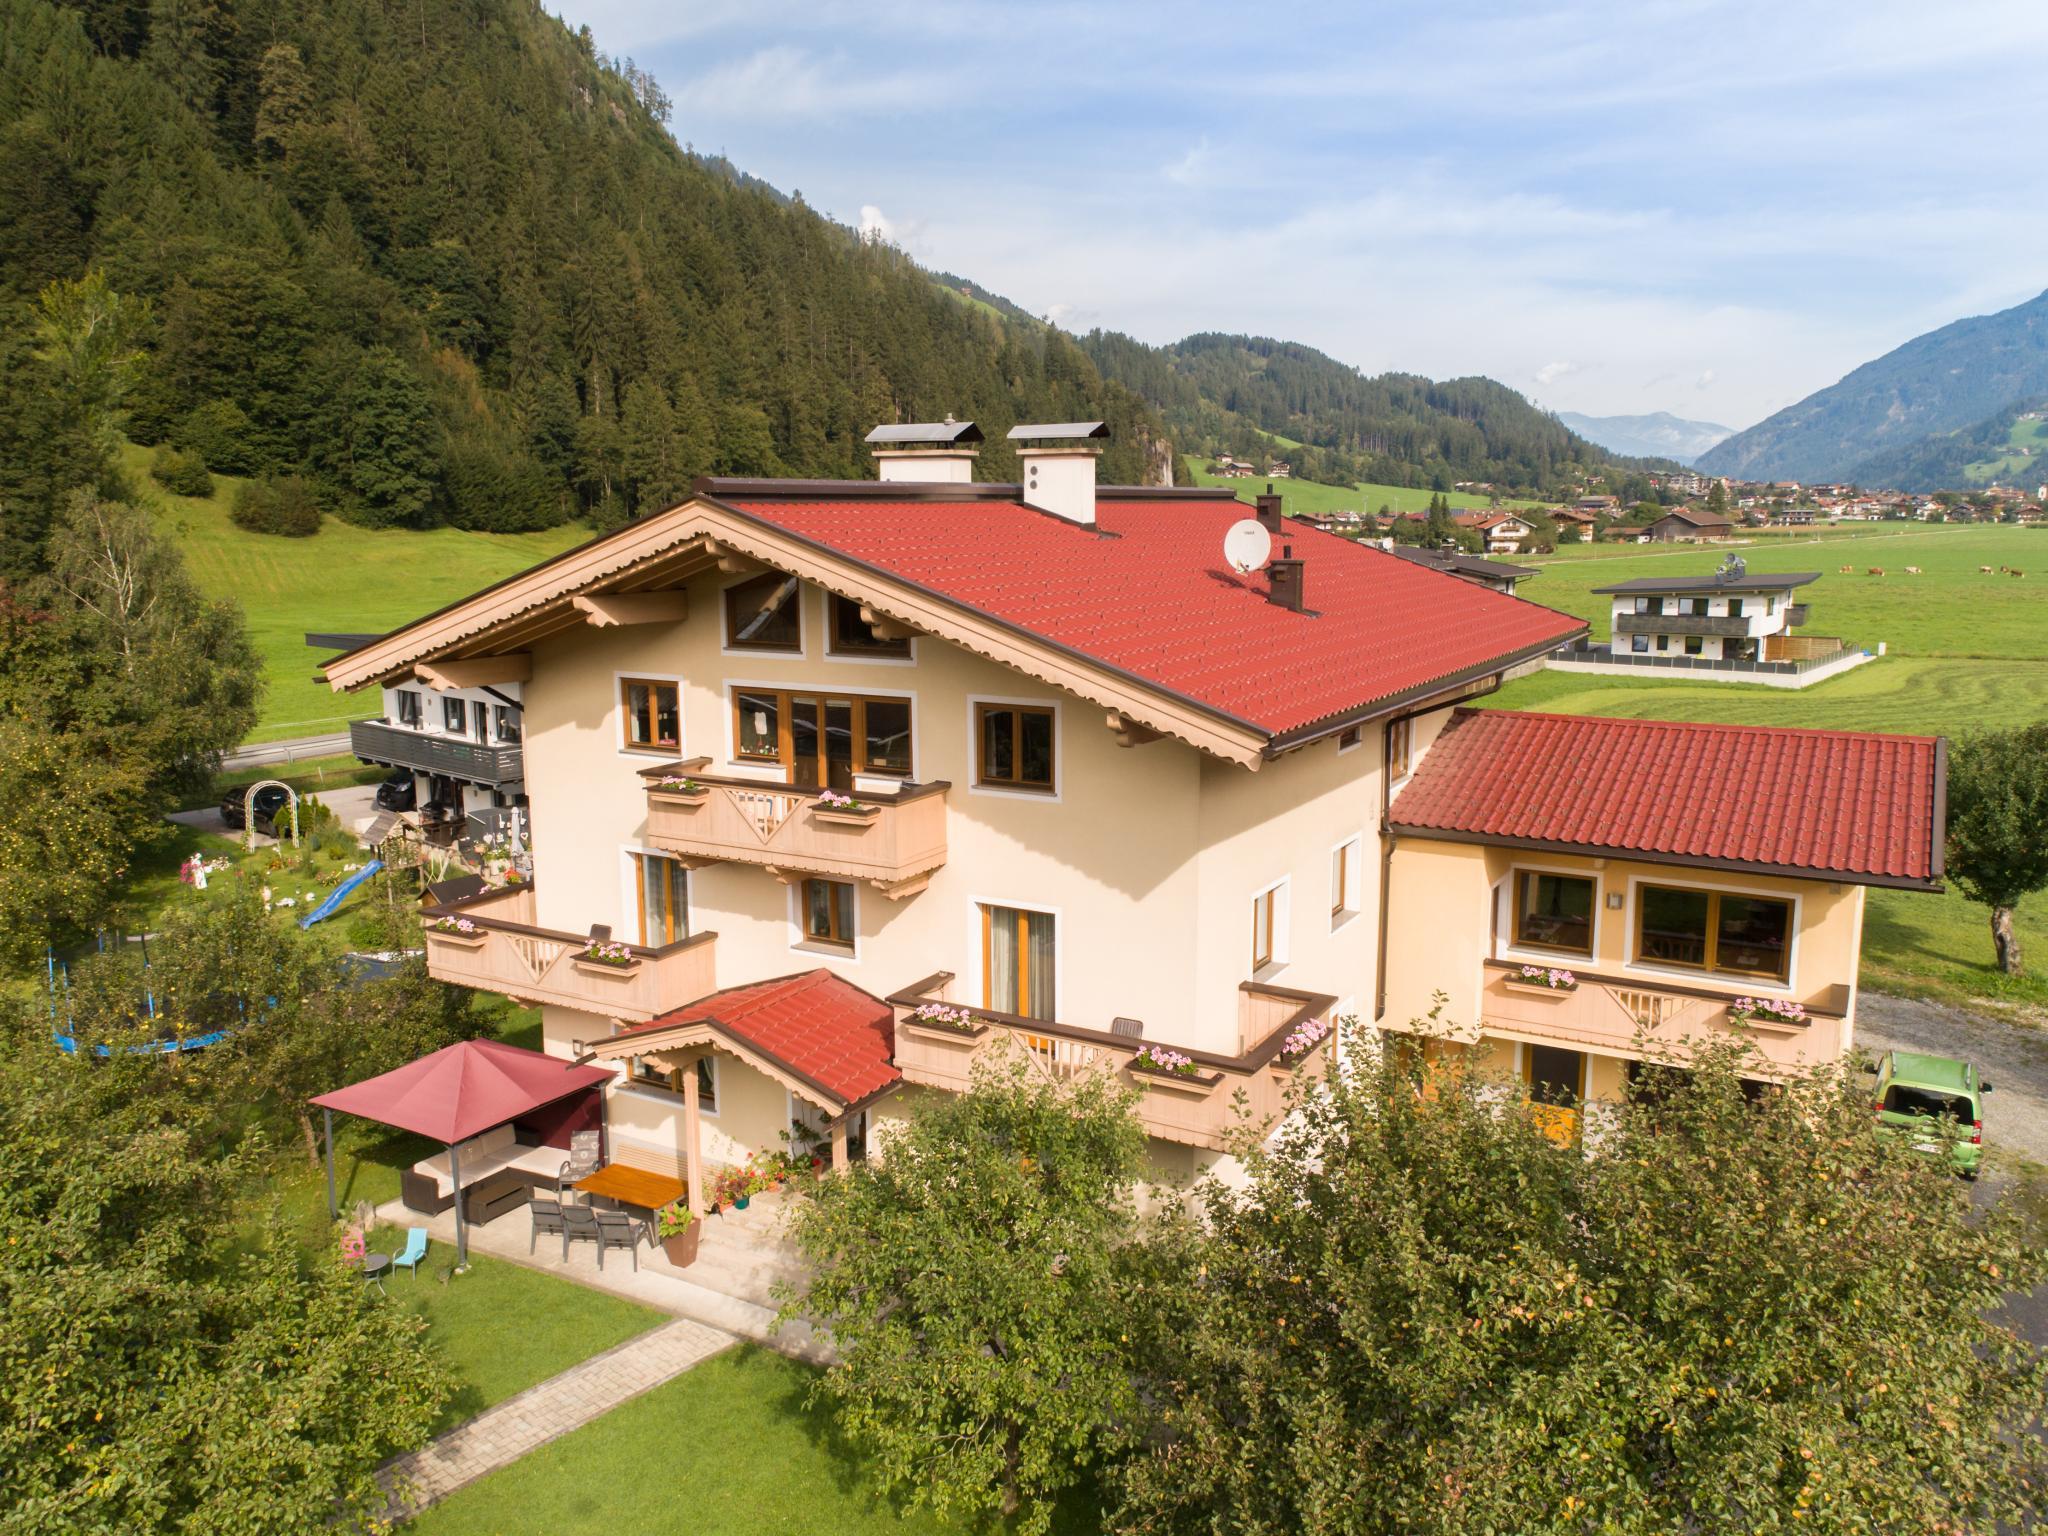 Ferienhaus Haas II Tirol